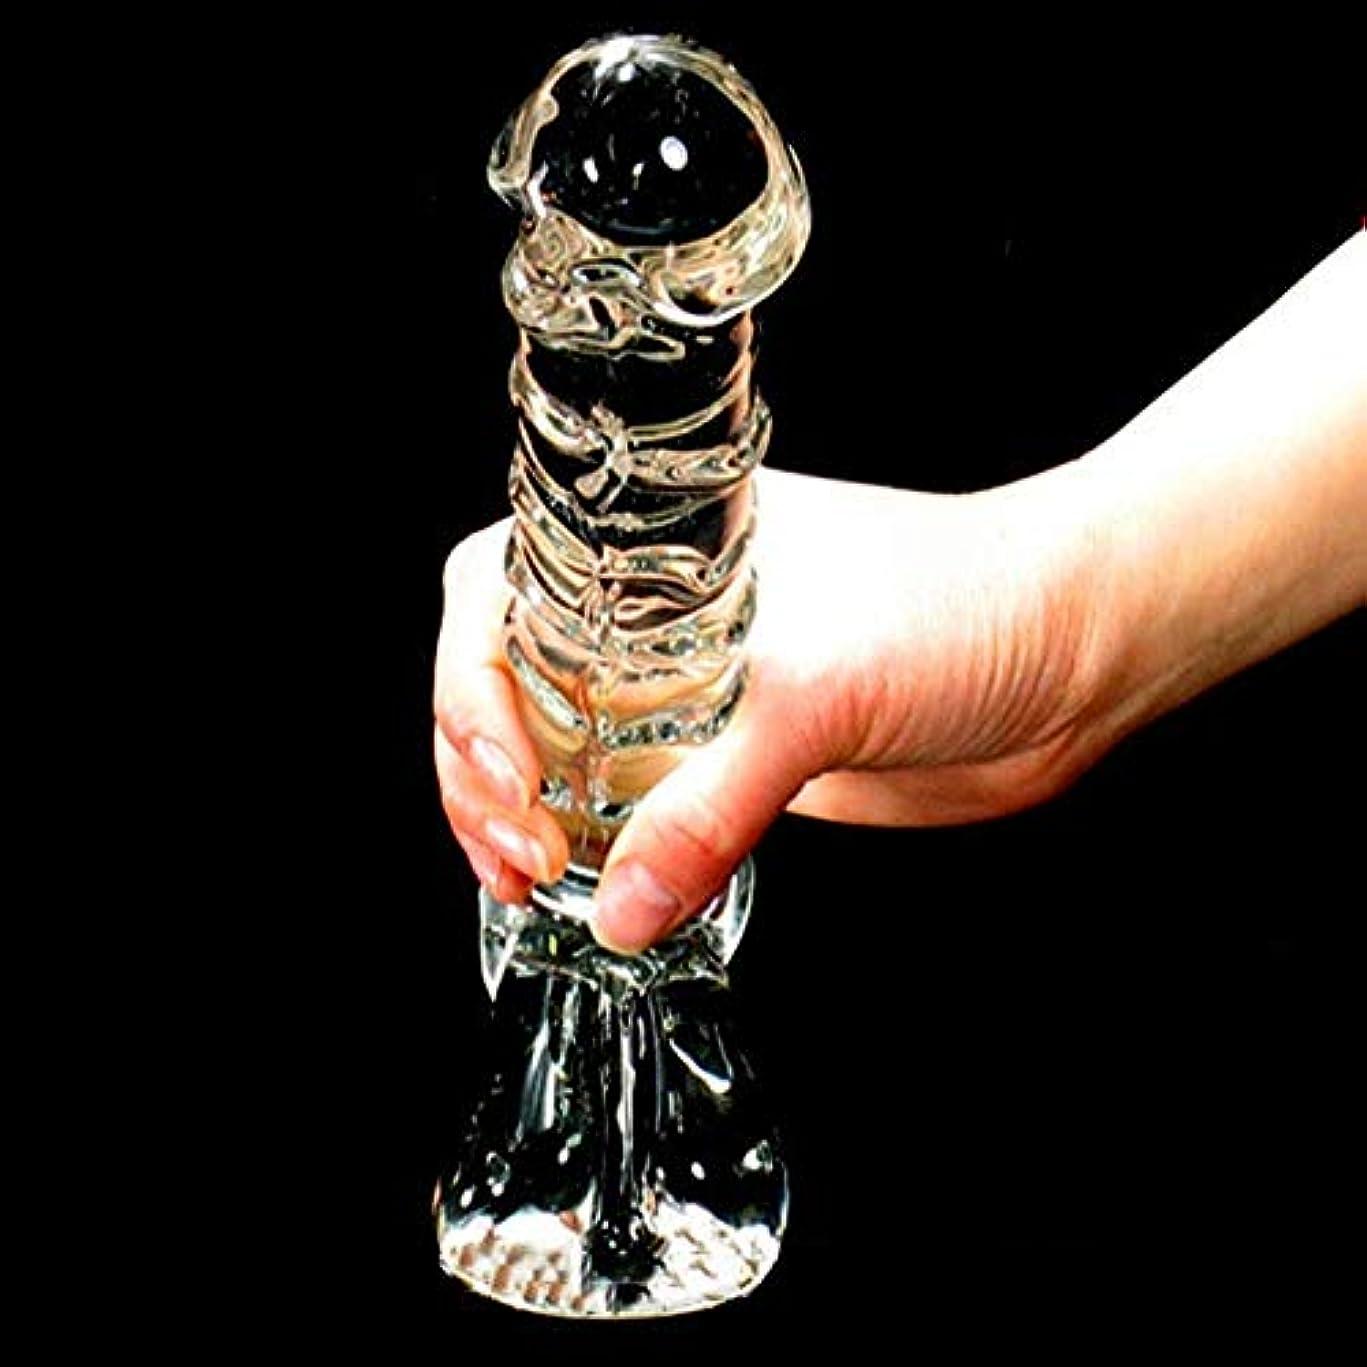 乗算正直放散するKGJJHYBGTOY オナニー女性ガラス大きなガラスペニス大人のガラスウェア大人向け製品 RELAX MASSAGE BODY